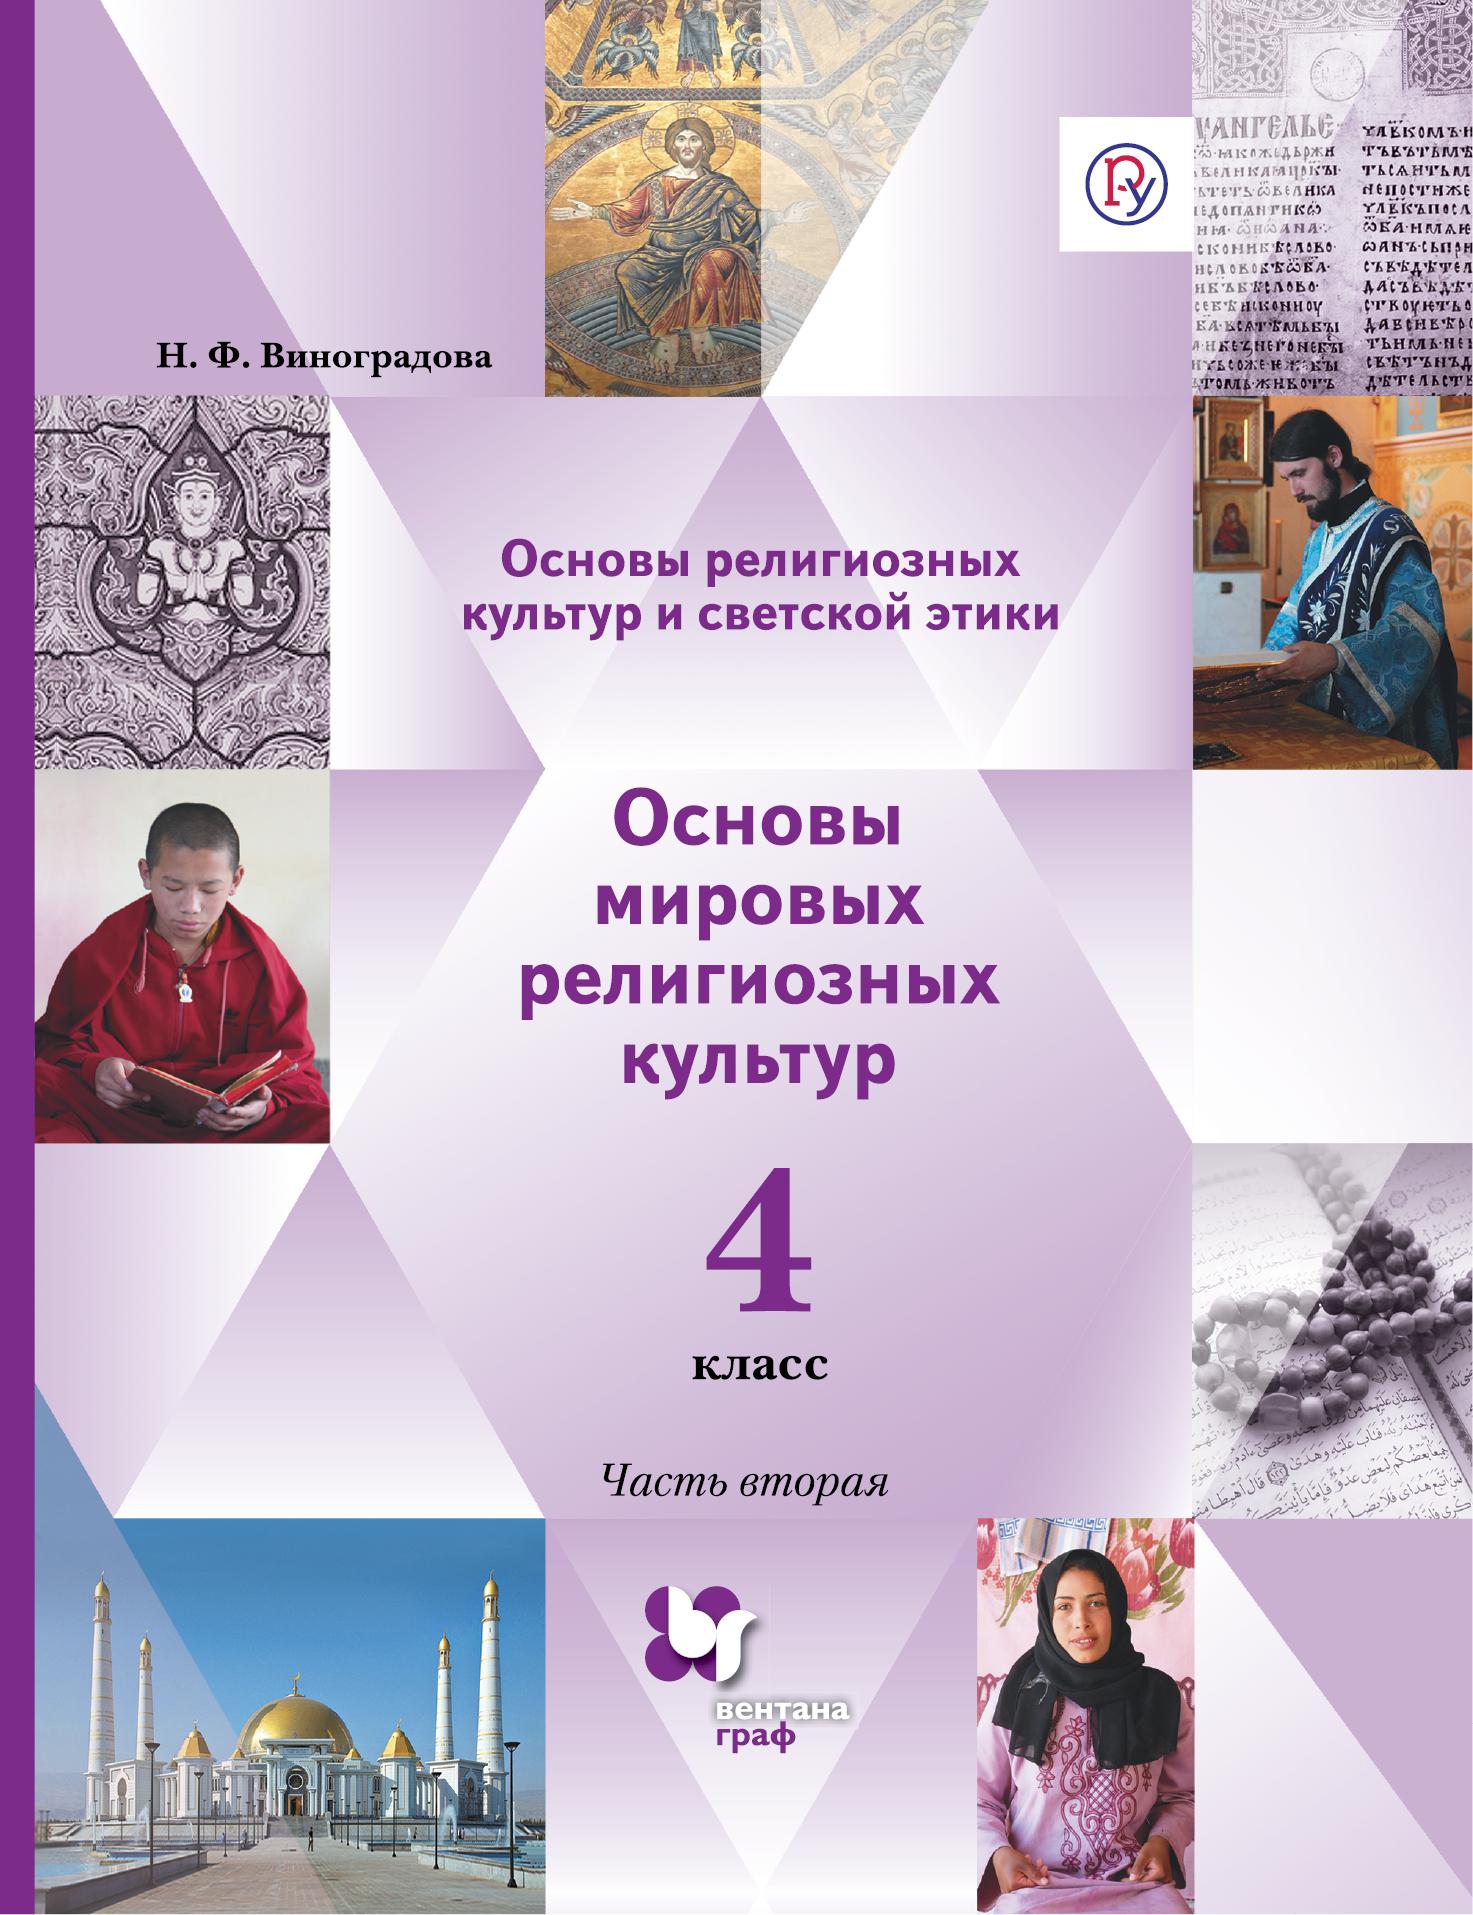 Основы религиозных культур и светской этики. Основы мировых религиозных культур. 4 класс. Часть вторая